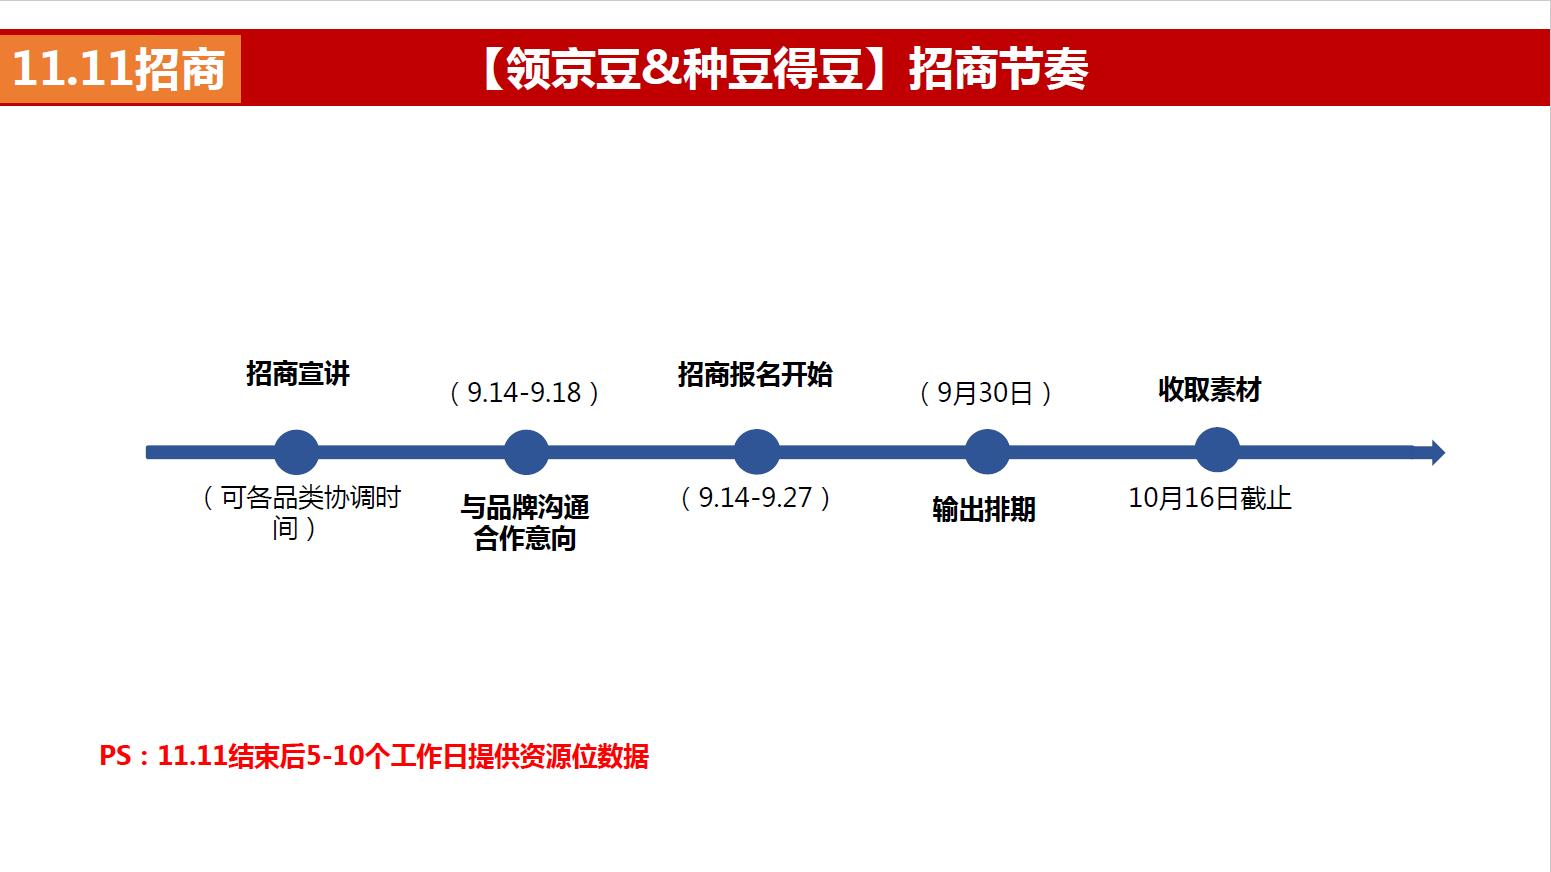 2020京东11.11领京豆&种豆得豆招商方案公布